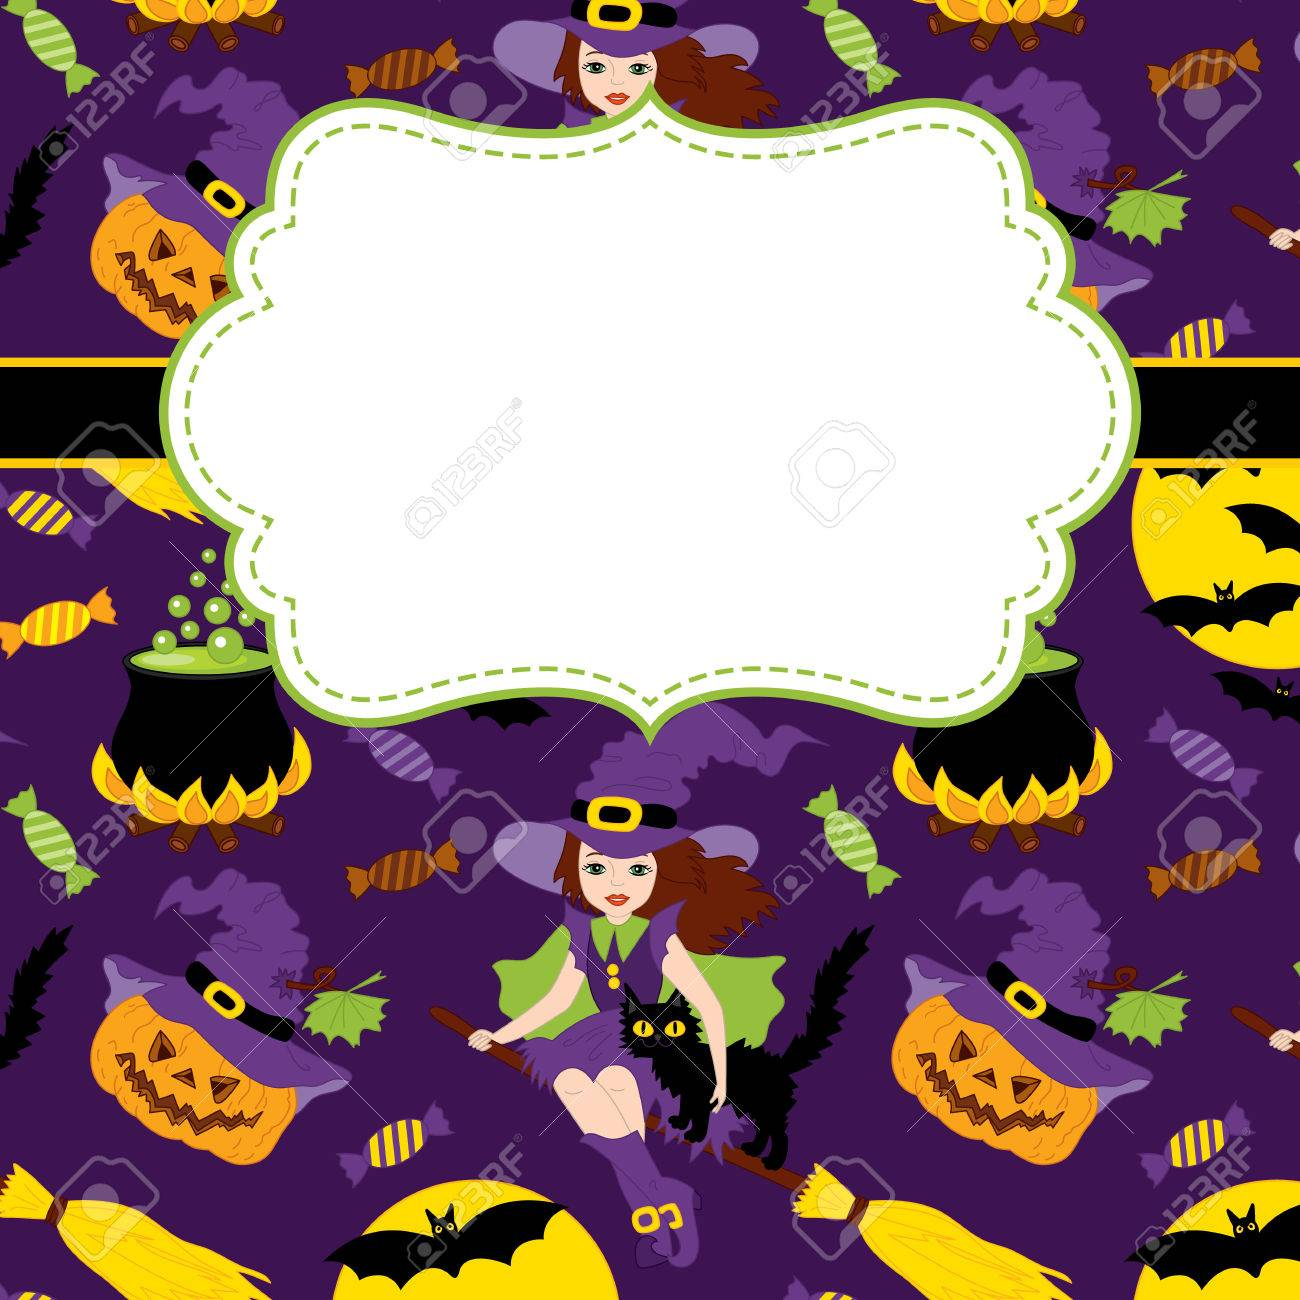 Vector Karte Vorlage Mit Einem Rahmen Und Halloween Elemente Auf